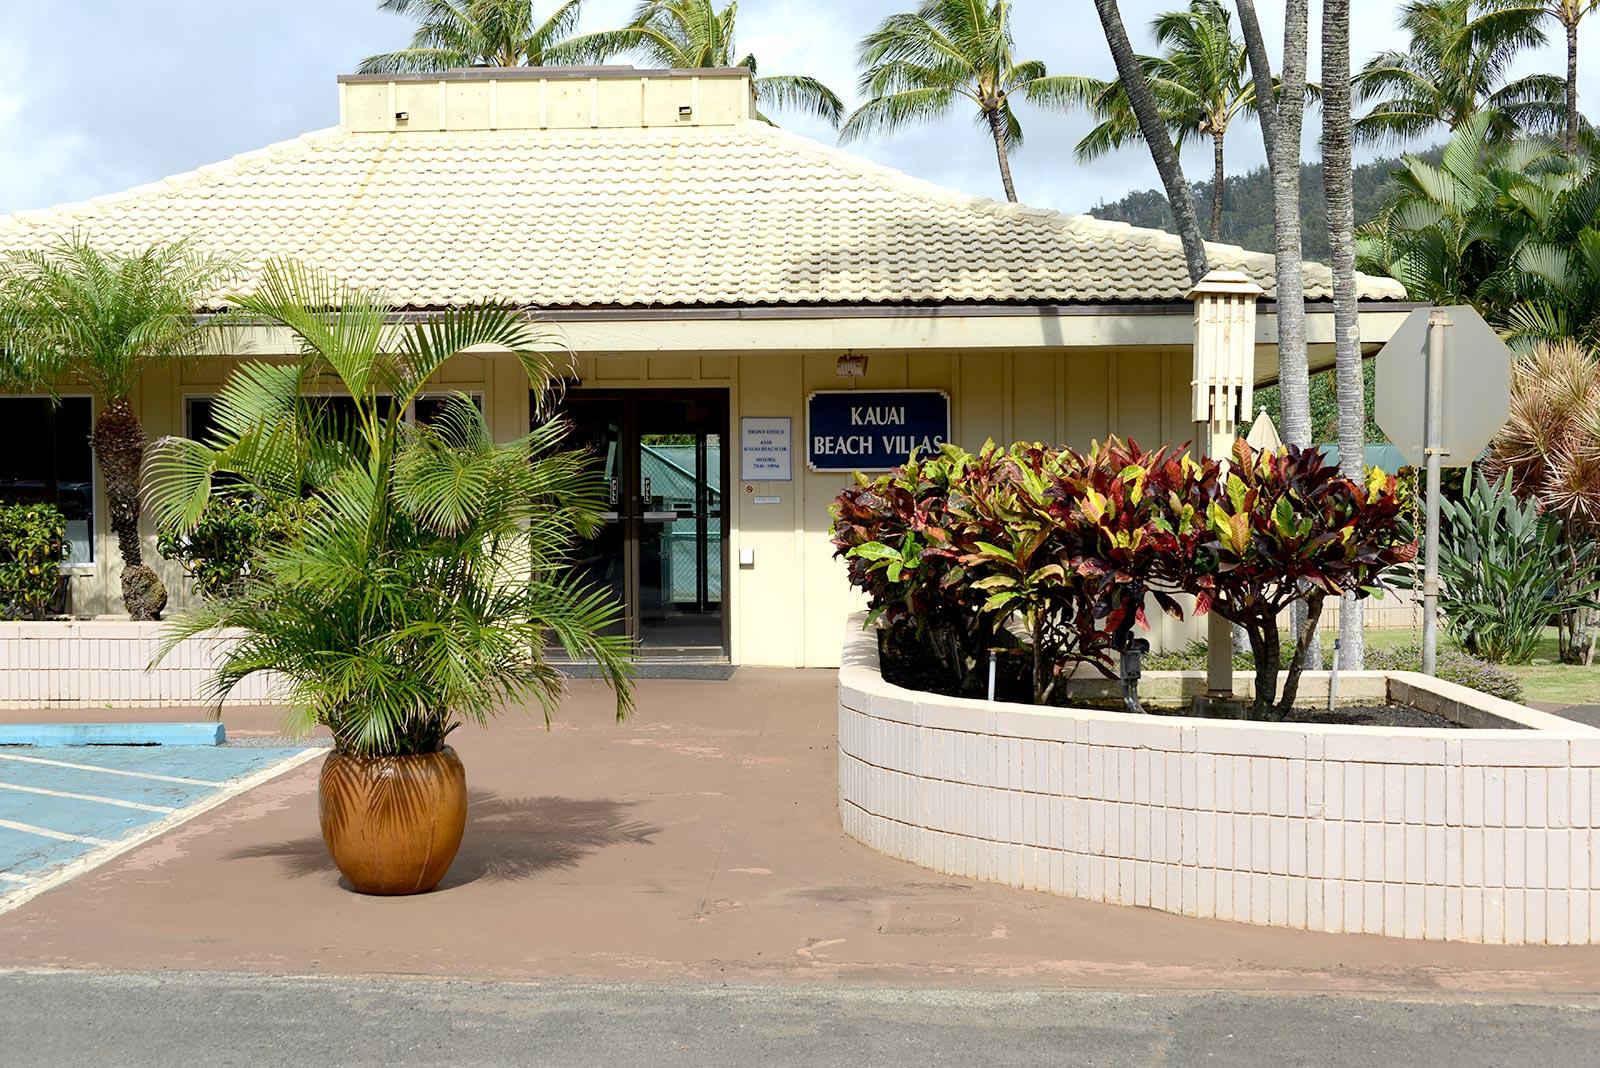 pahio-at-kauai-beach-villas-20